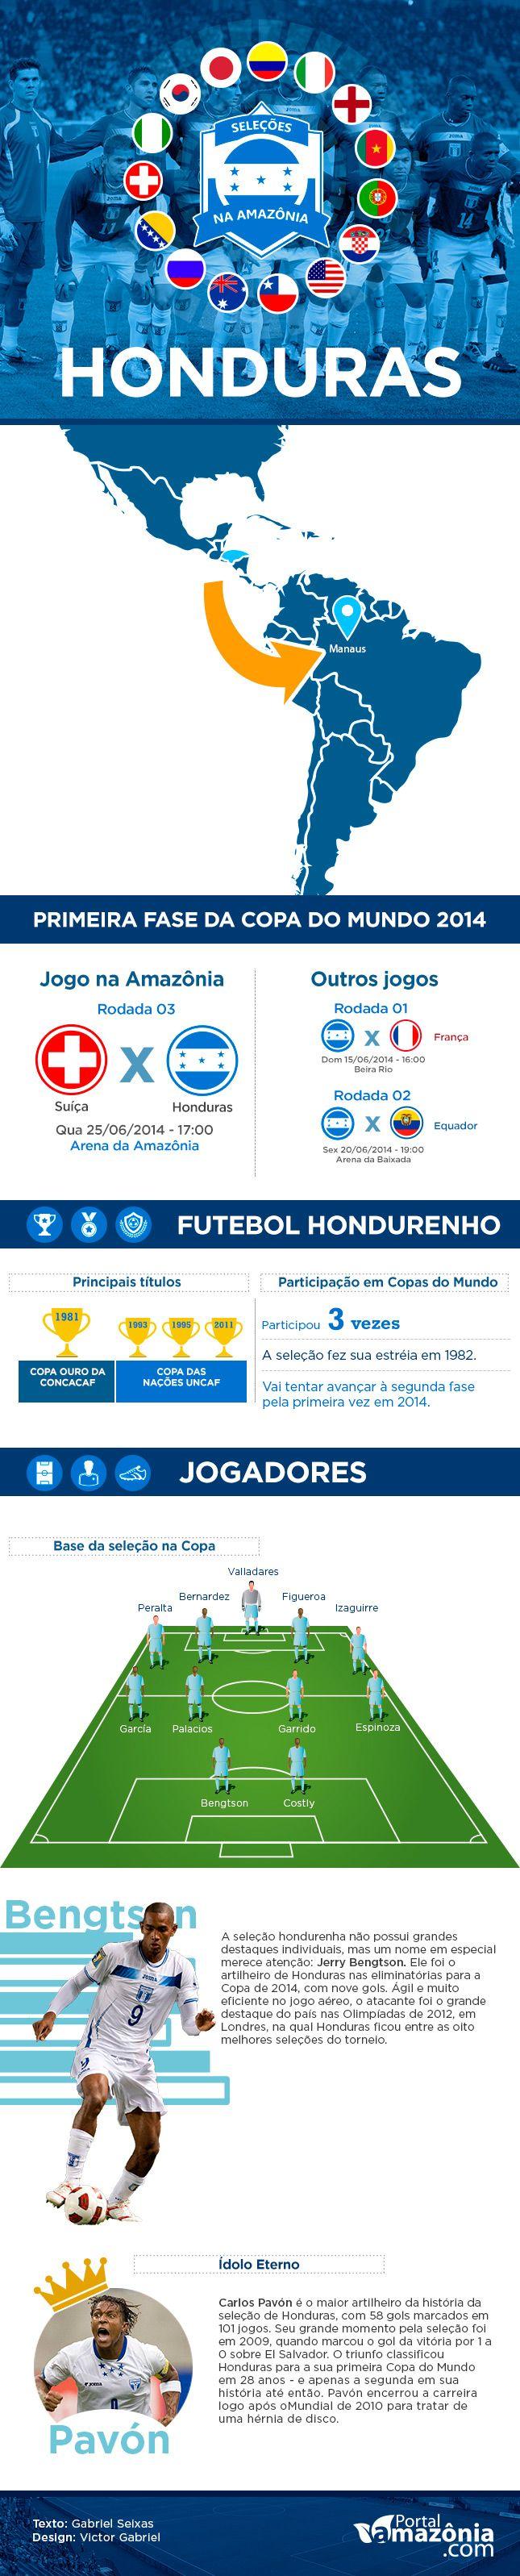 Seleções na Amazônia: Honduras http://www.portalamazonia.com.br/editoria/esporte/selecoes-na-amazonia-honduras/